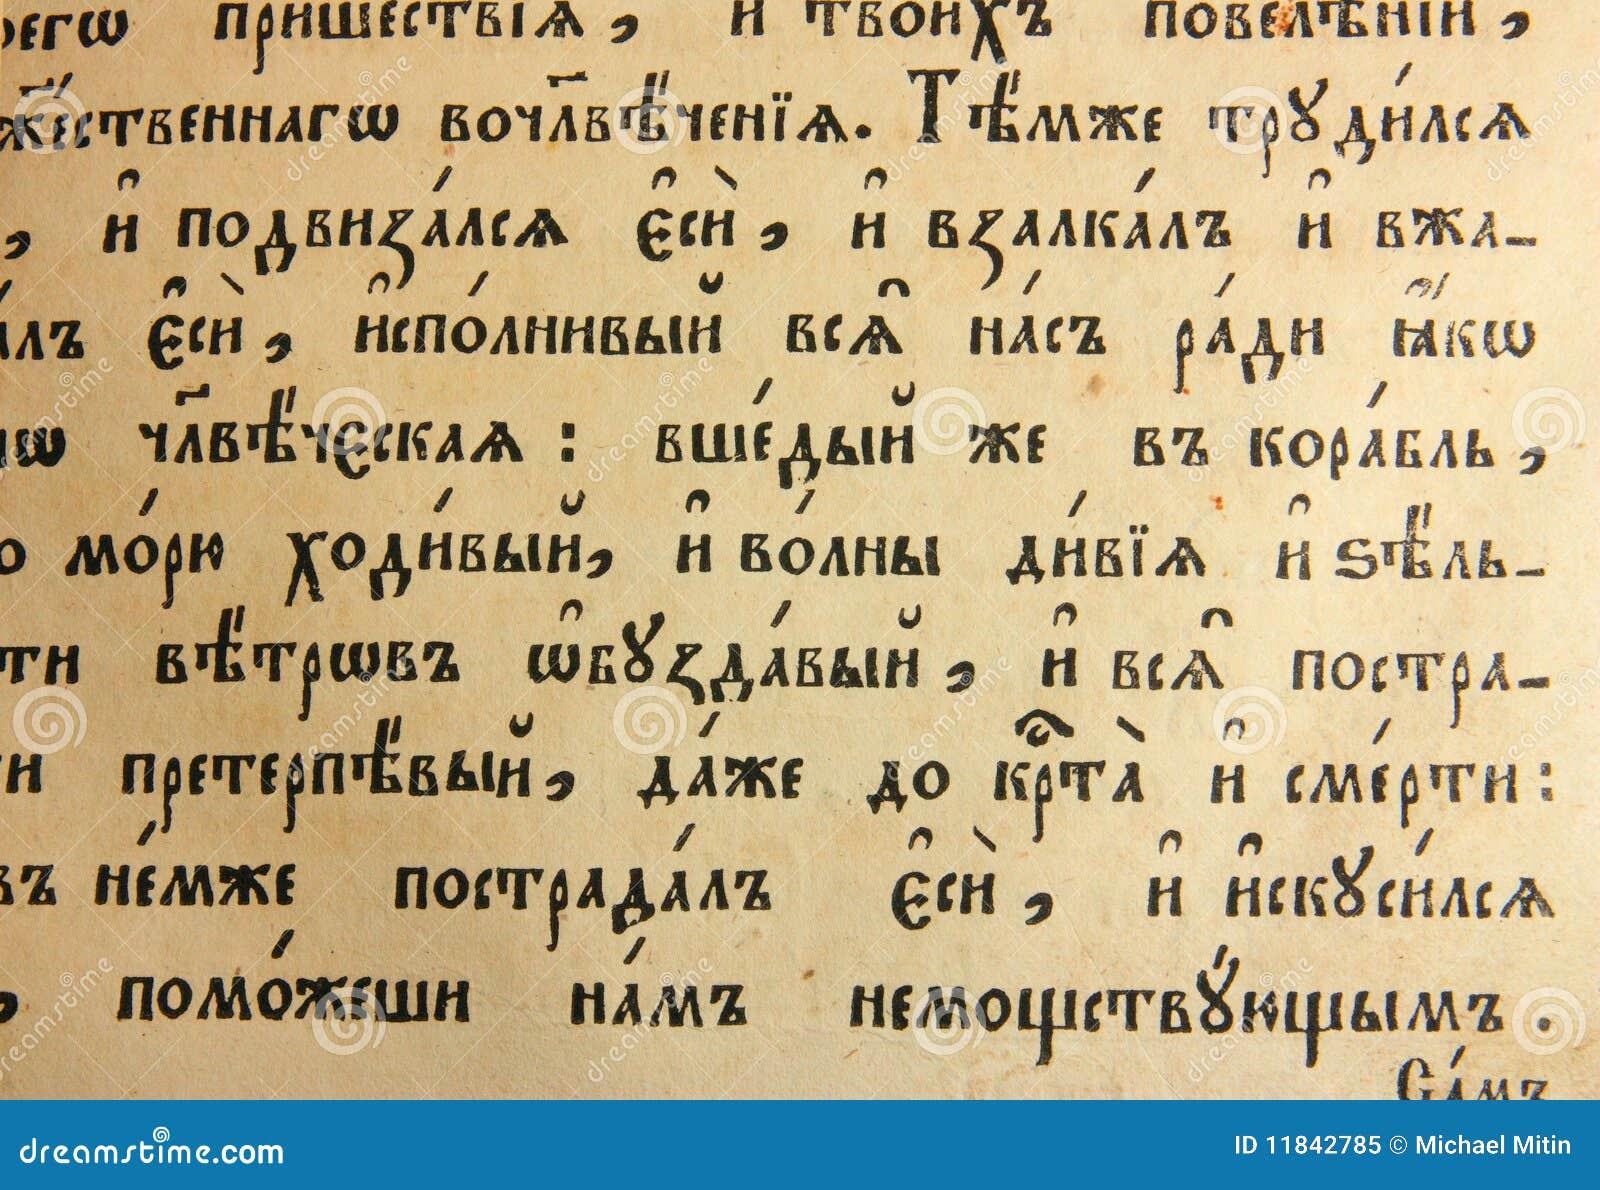 La page des correspondants russes